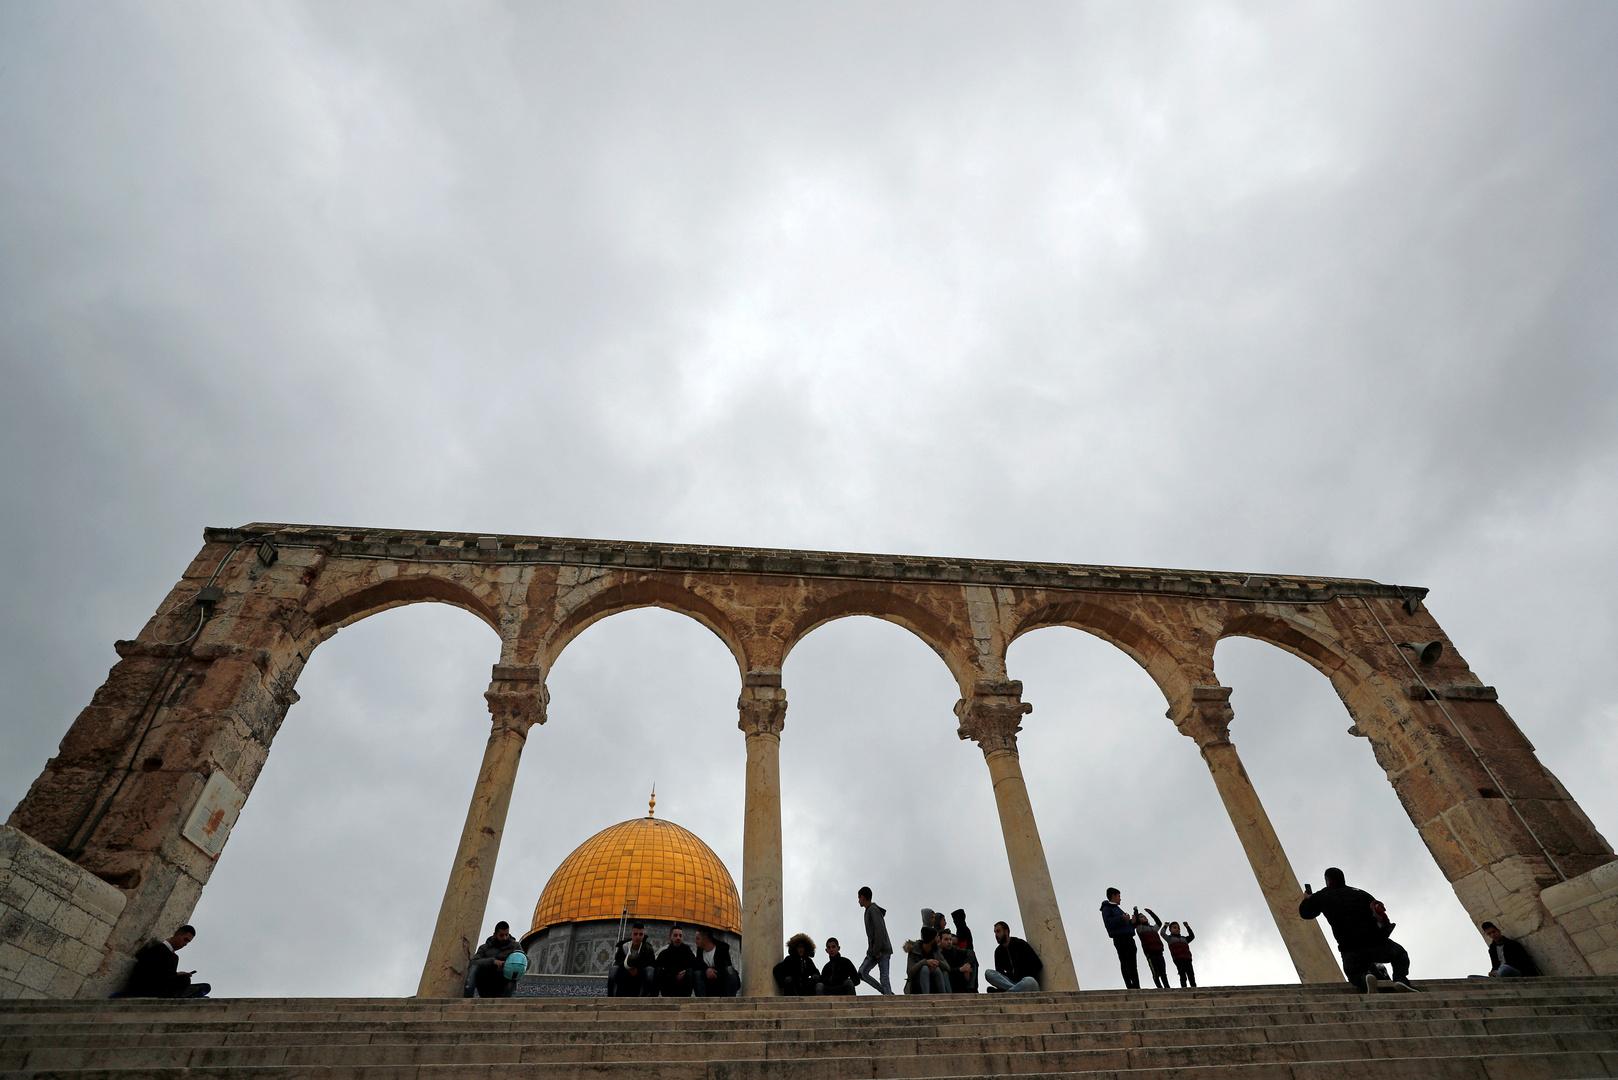 القوات الإسرئيلية تعتقل فلسطينية بذريعة محاولتها تنفيذ عملية طعن